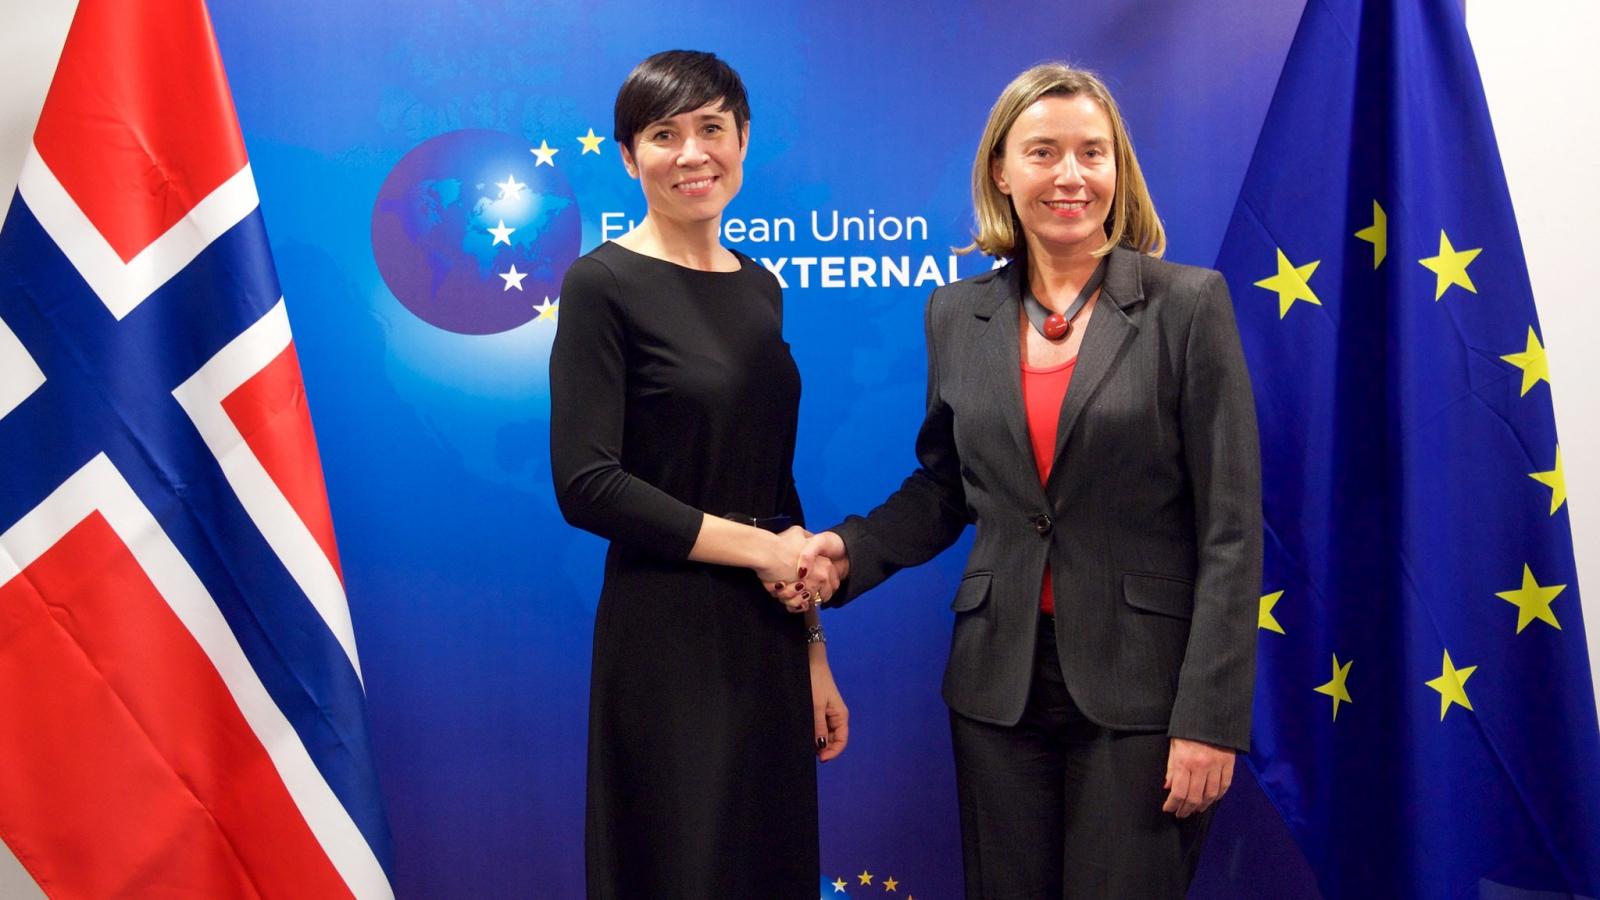 Utenriksminister Ine Eriksen Søreide møter visekommissær og «utenrikssjef» for EU, Federica Mogherini. Foto: EEAS CC-BY-NC